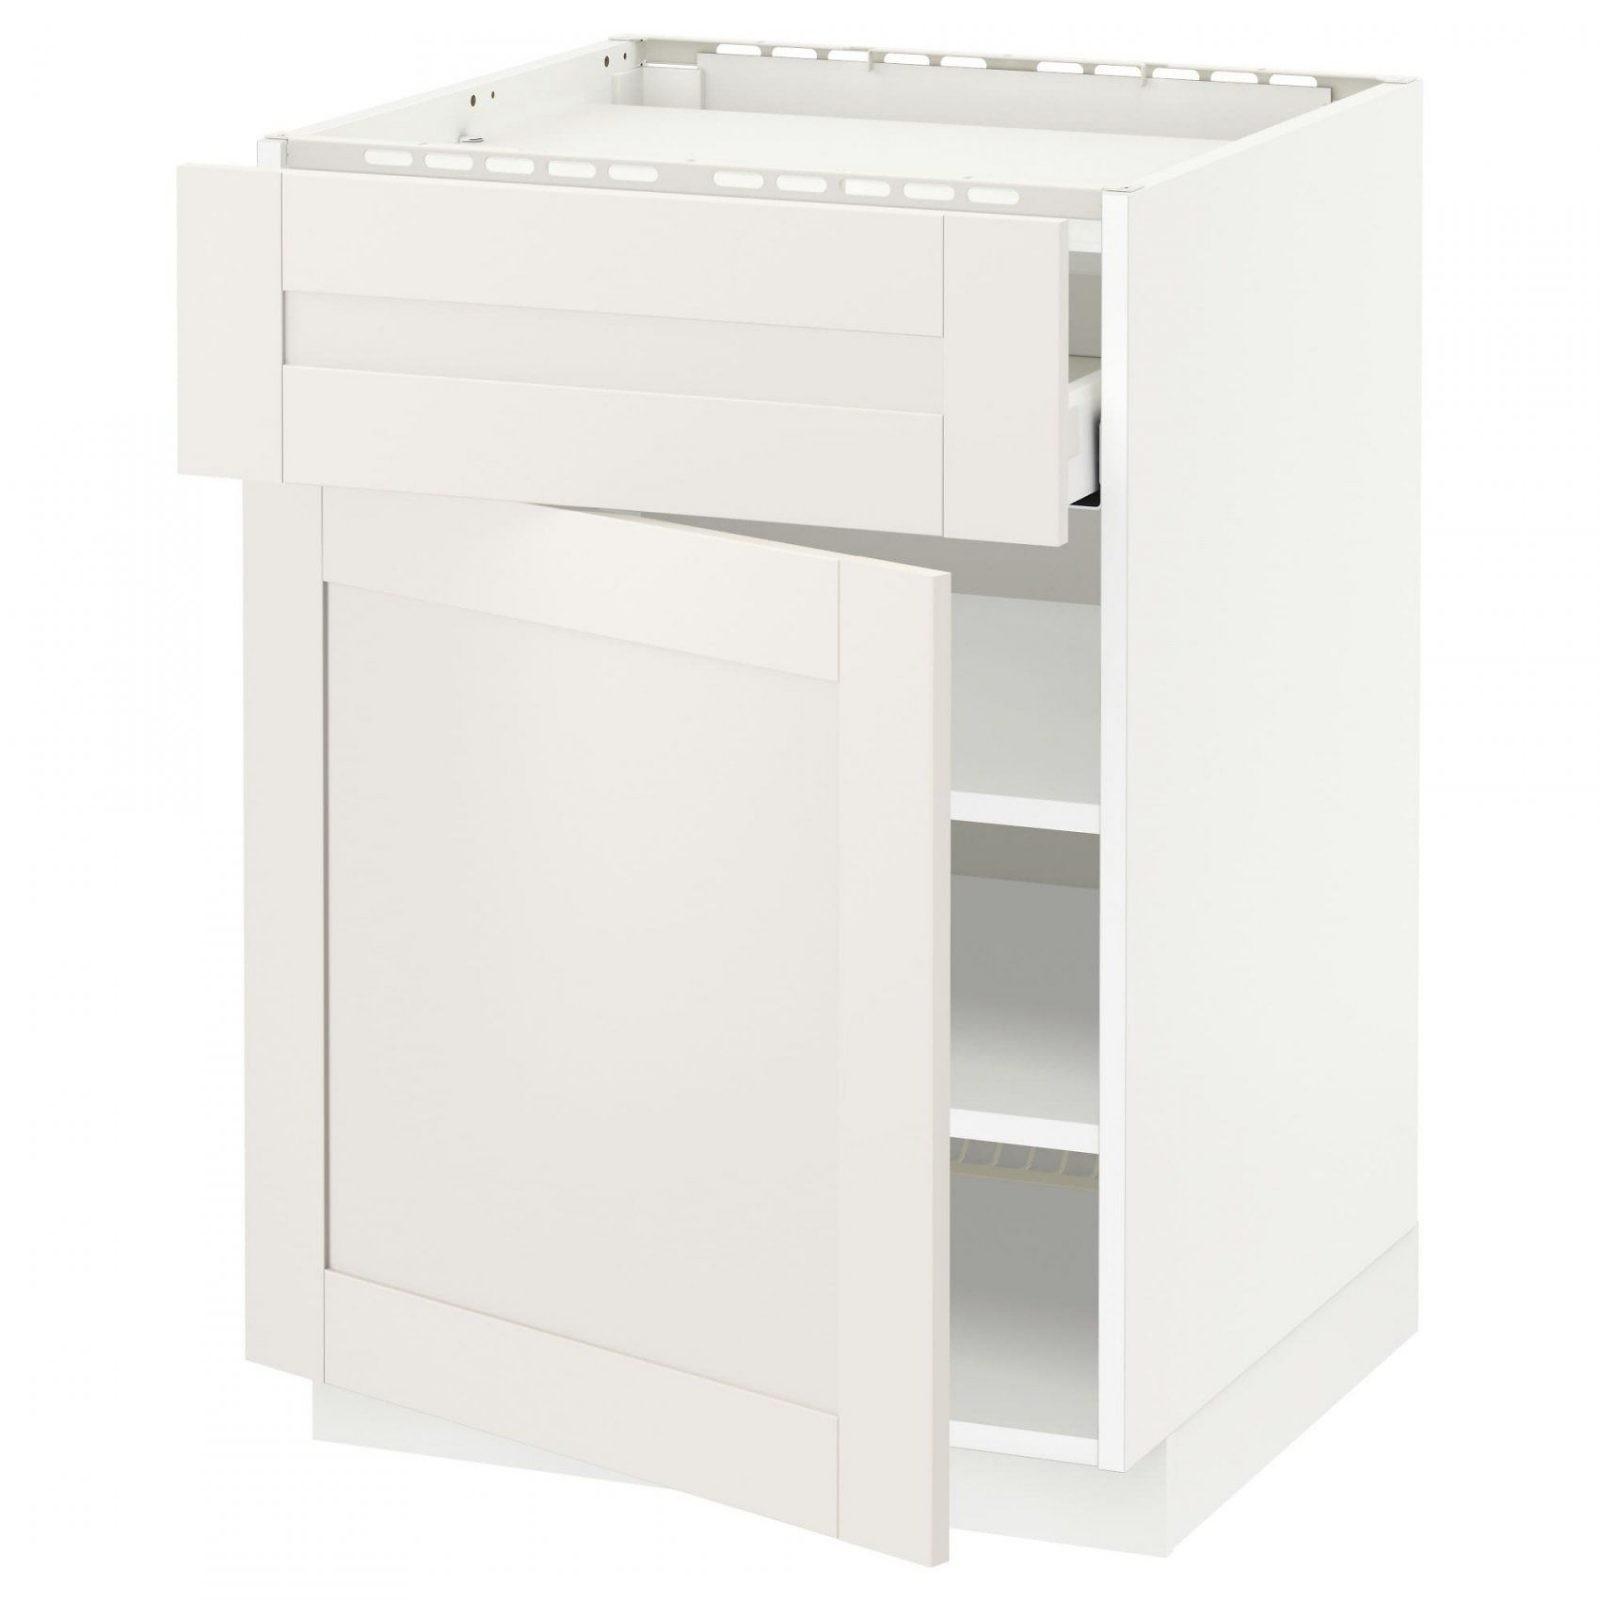 Naturfichte Küchenunterschränke Online Kaufen  Möbelsuchmaschine von Küchenschrank 35 Cm Tief Bild